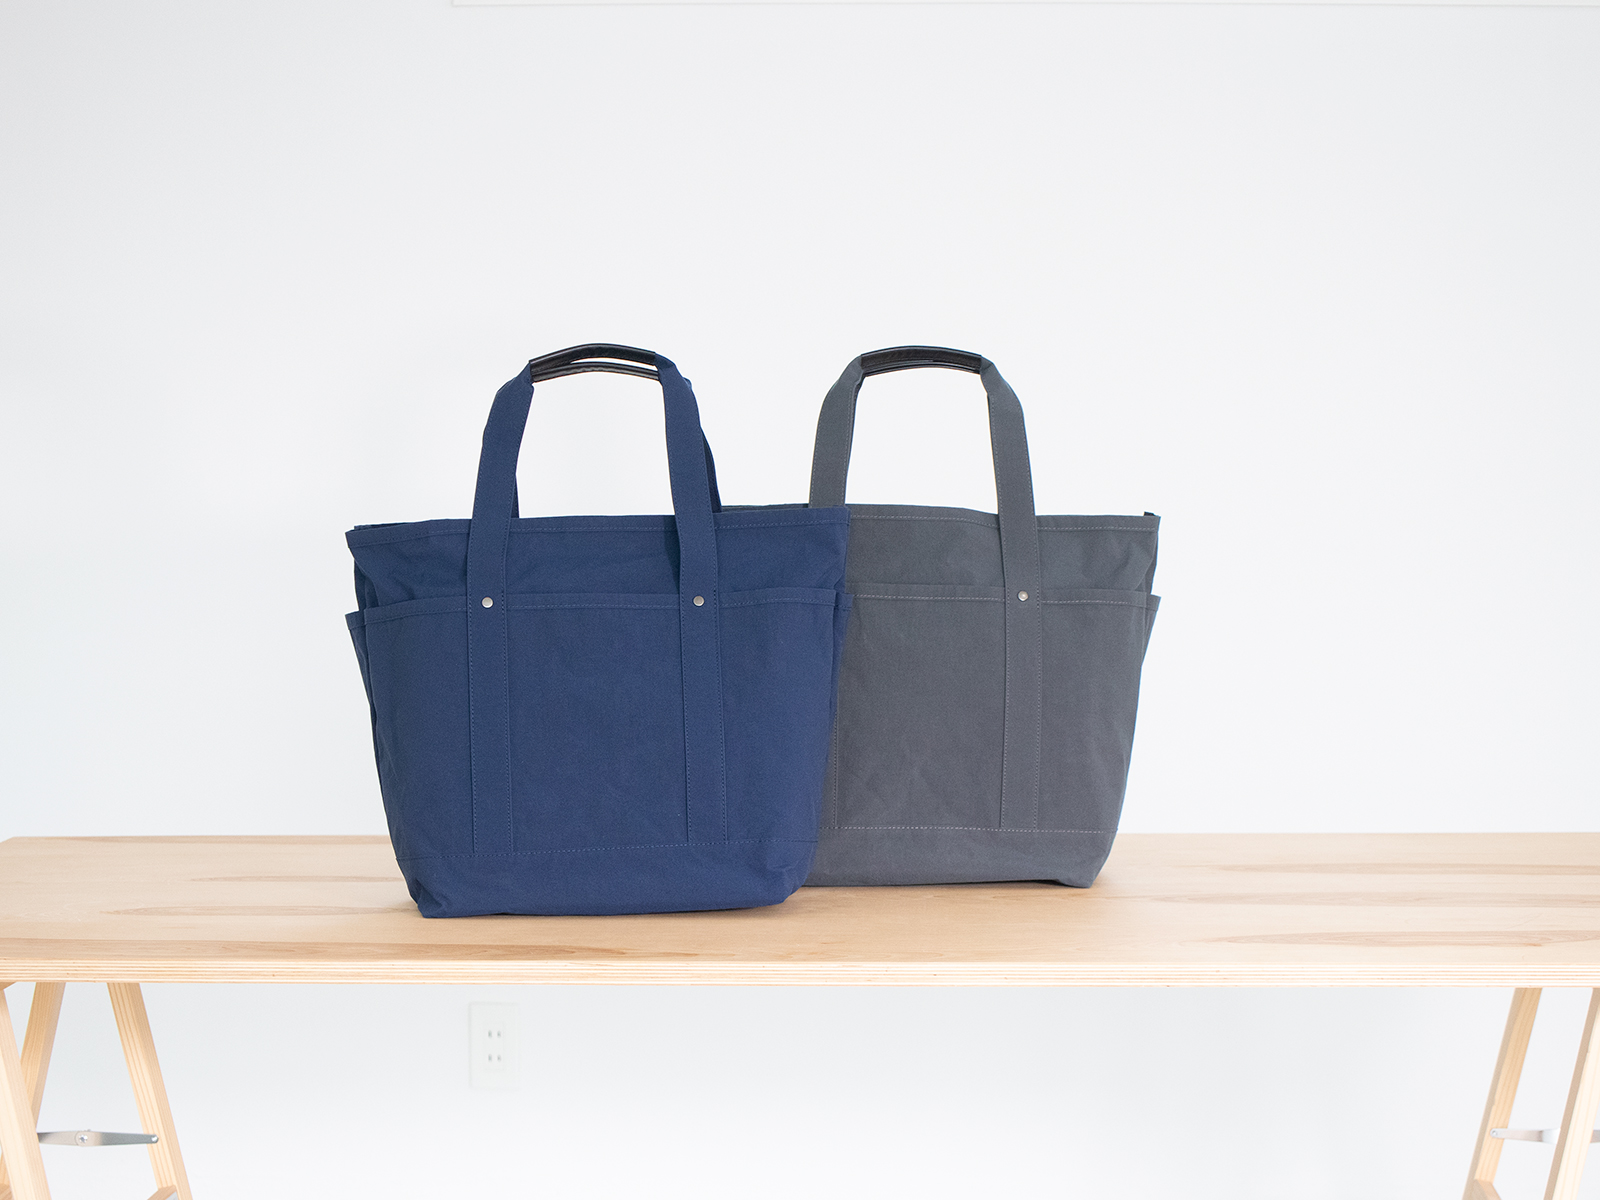 KONBU生地を使用した軽くて便利な大容量トートバッグ